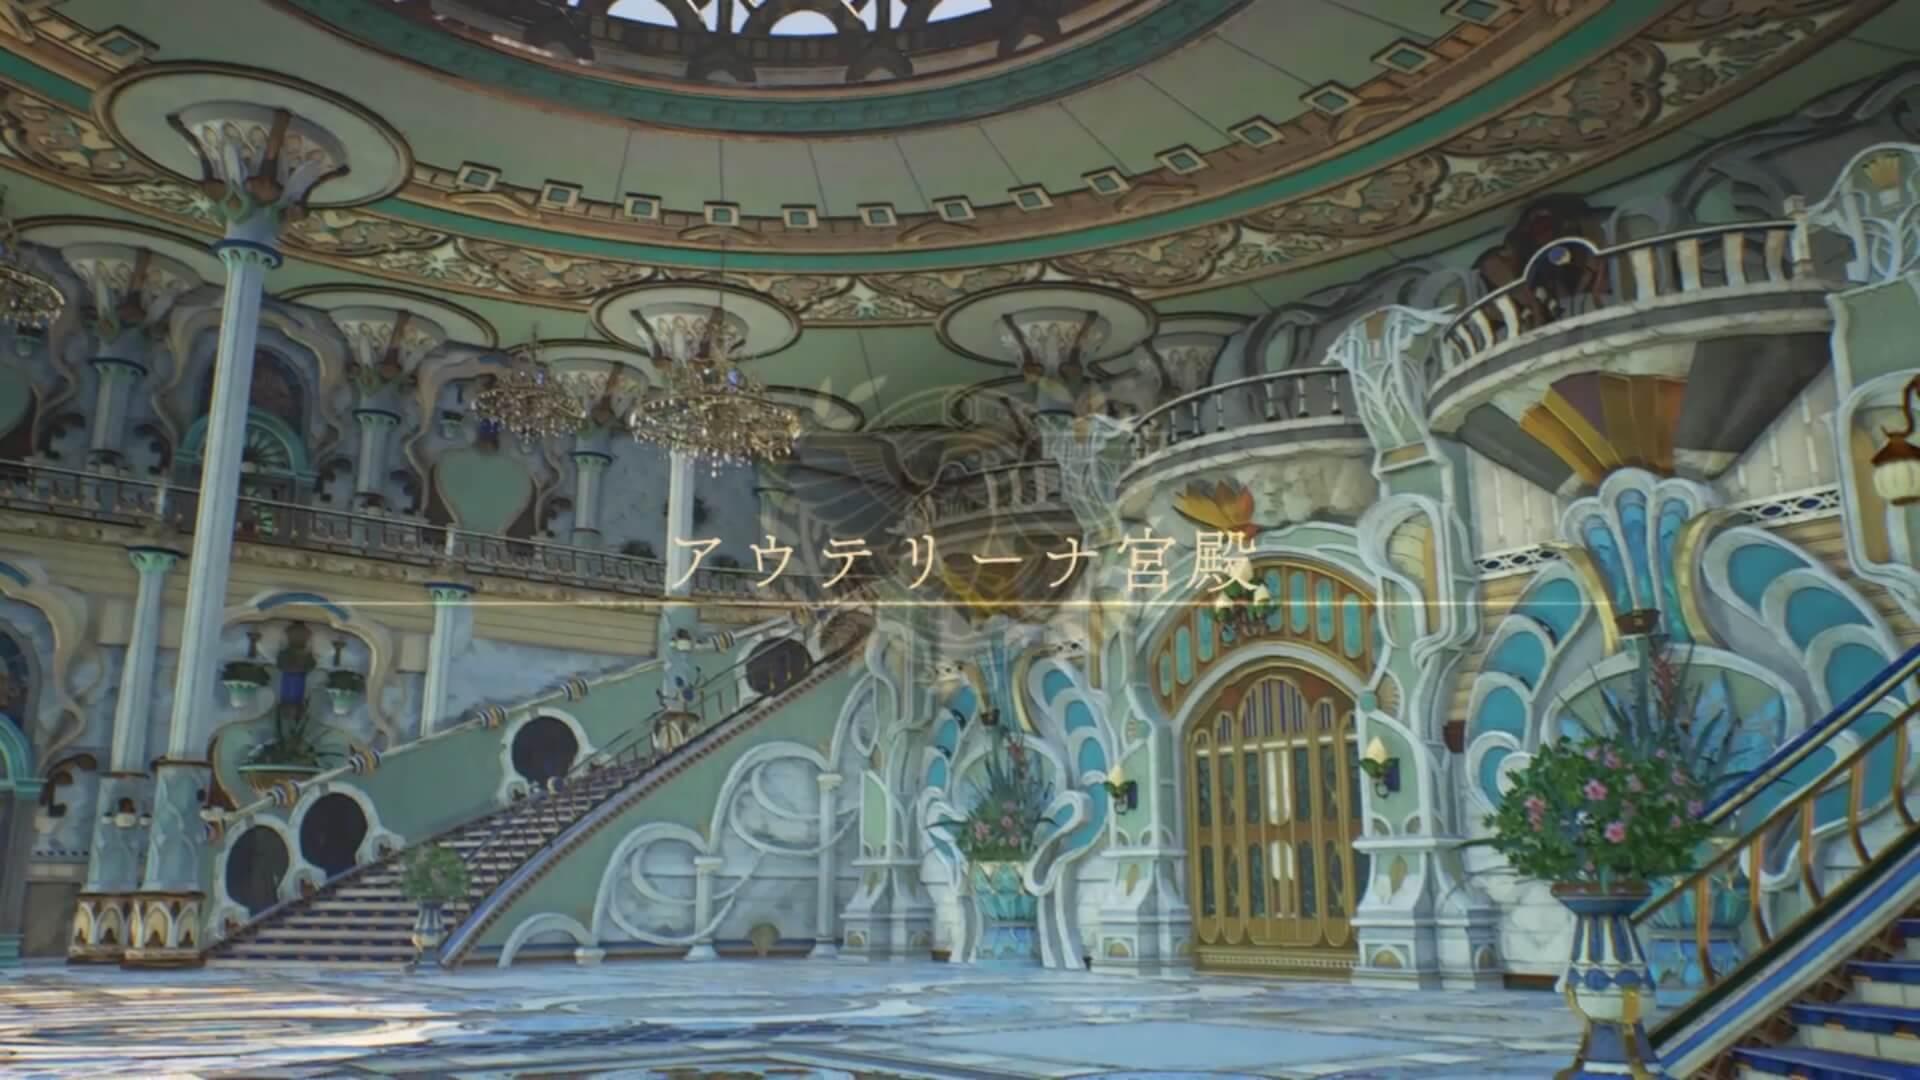 マップと宝箱の場所一覧『アウテリーナ宮殿』